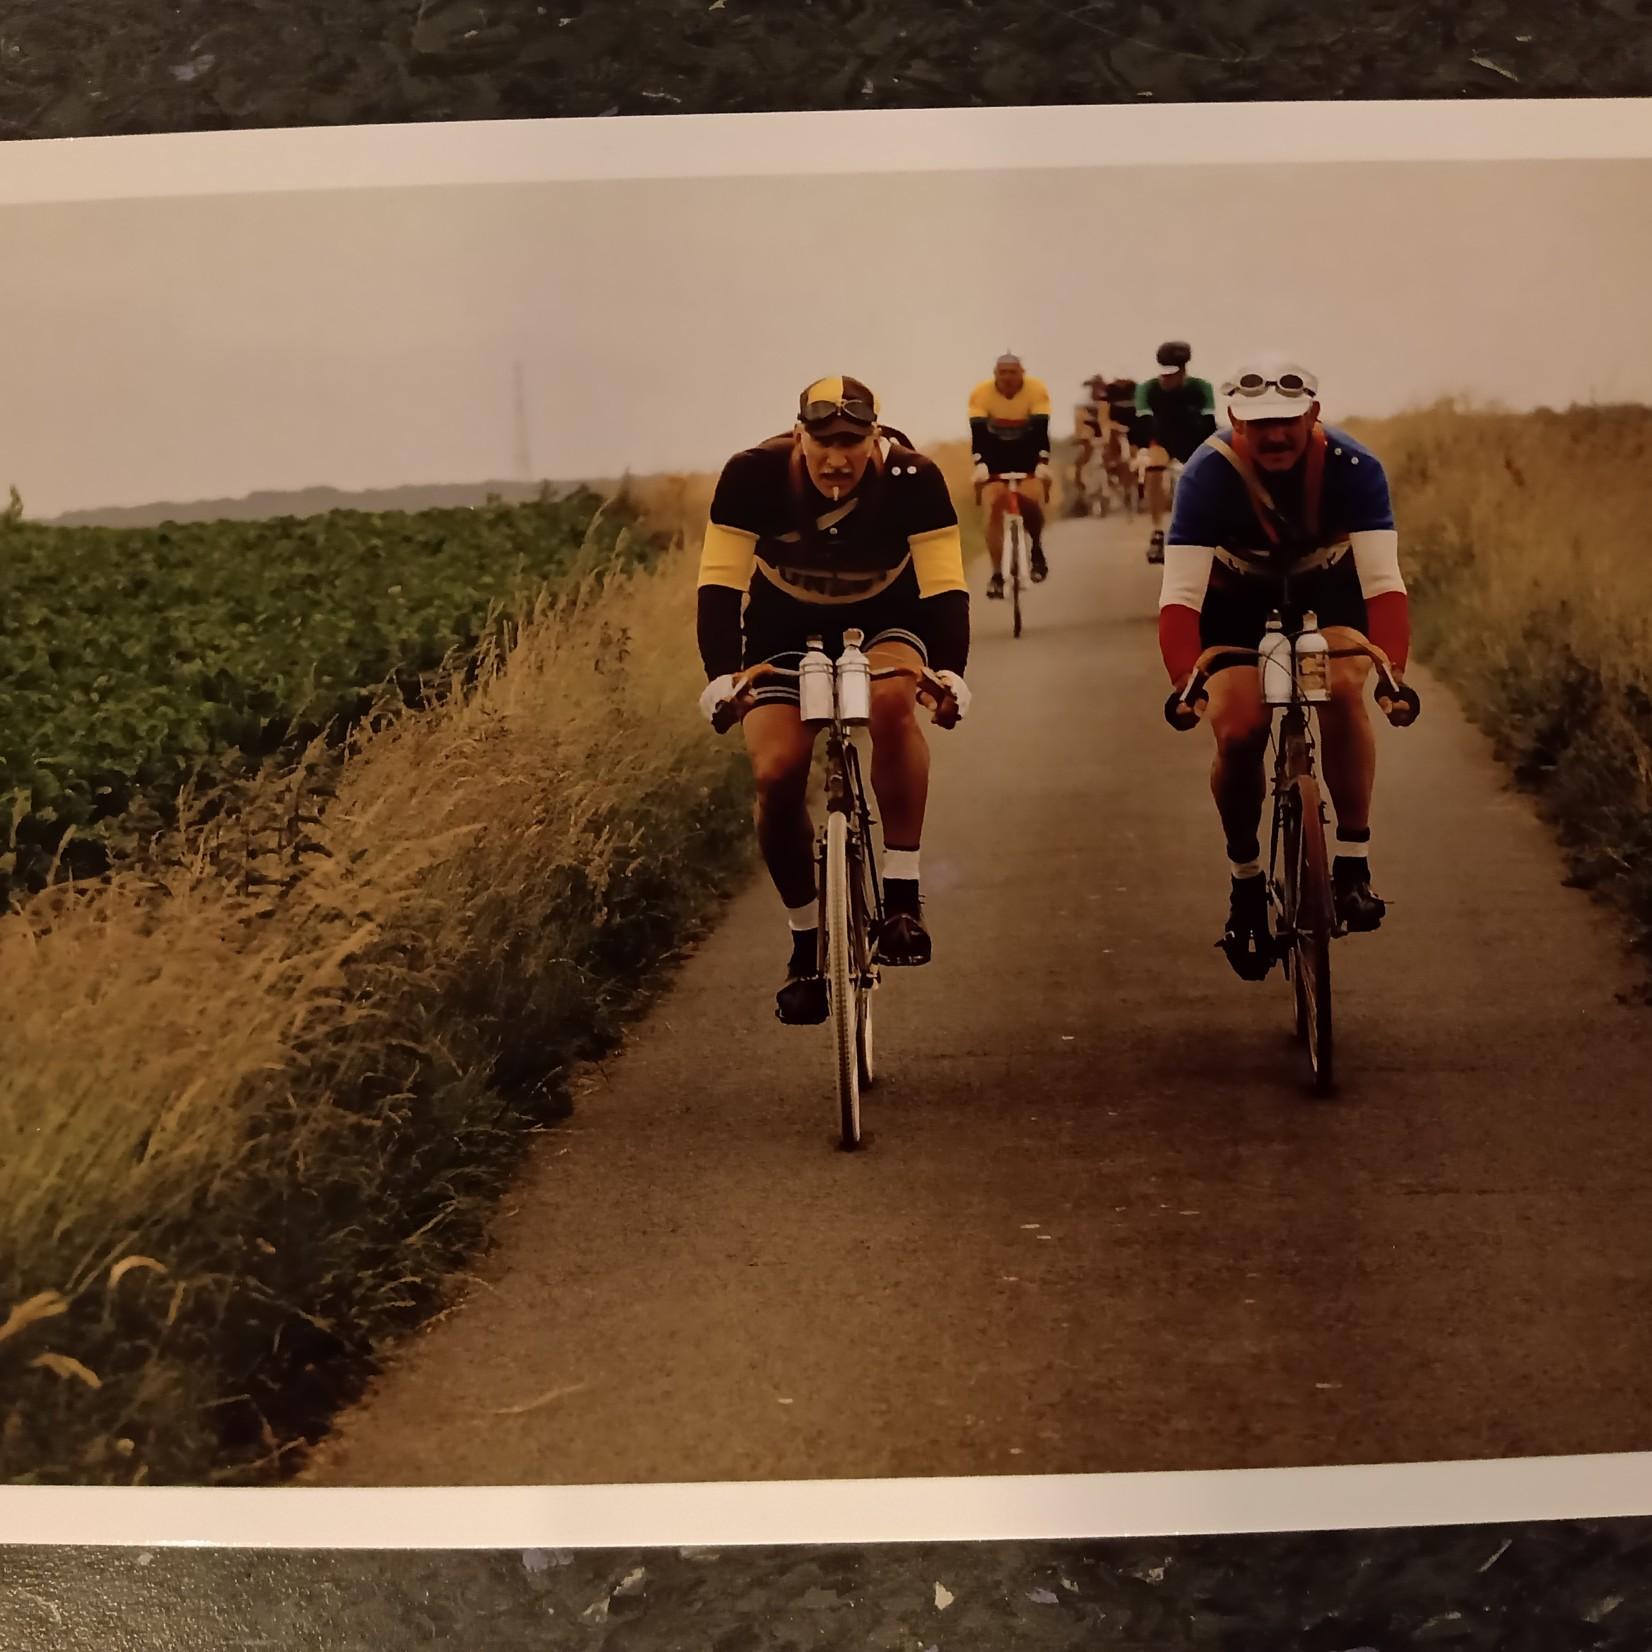 Postkaart 'Retroronde (2 wielrenners)'